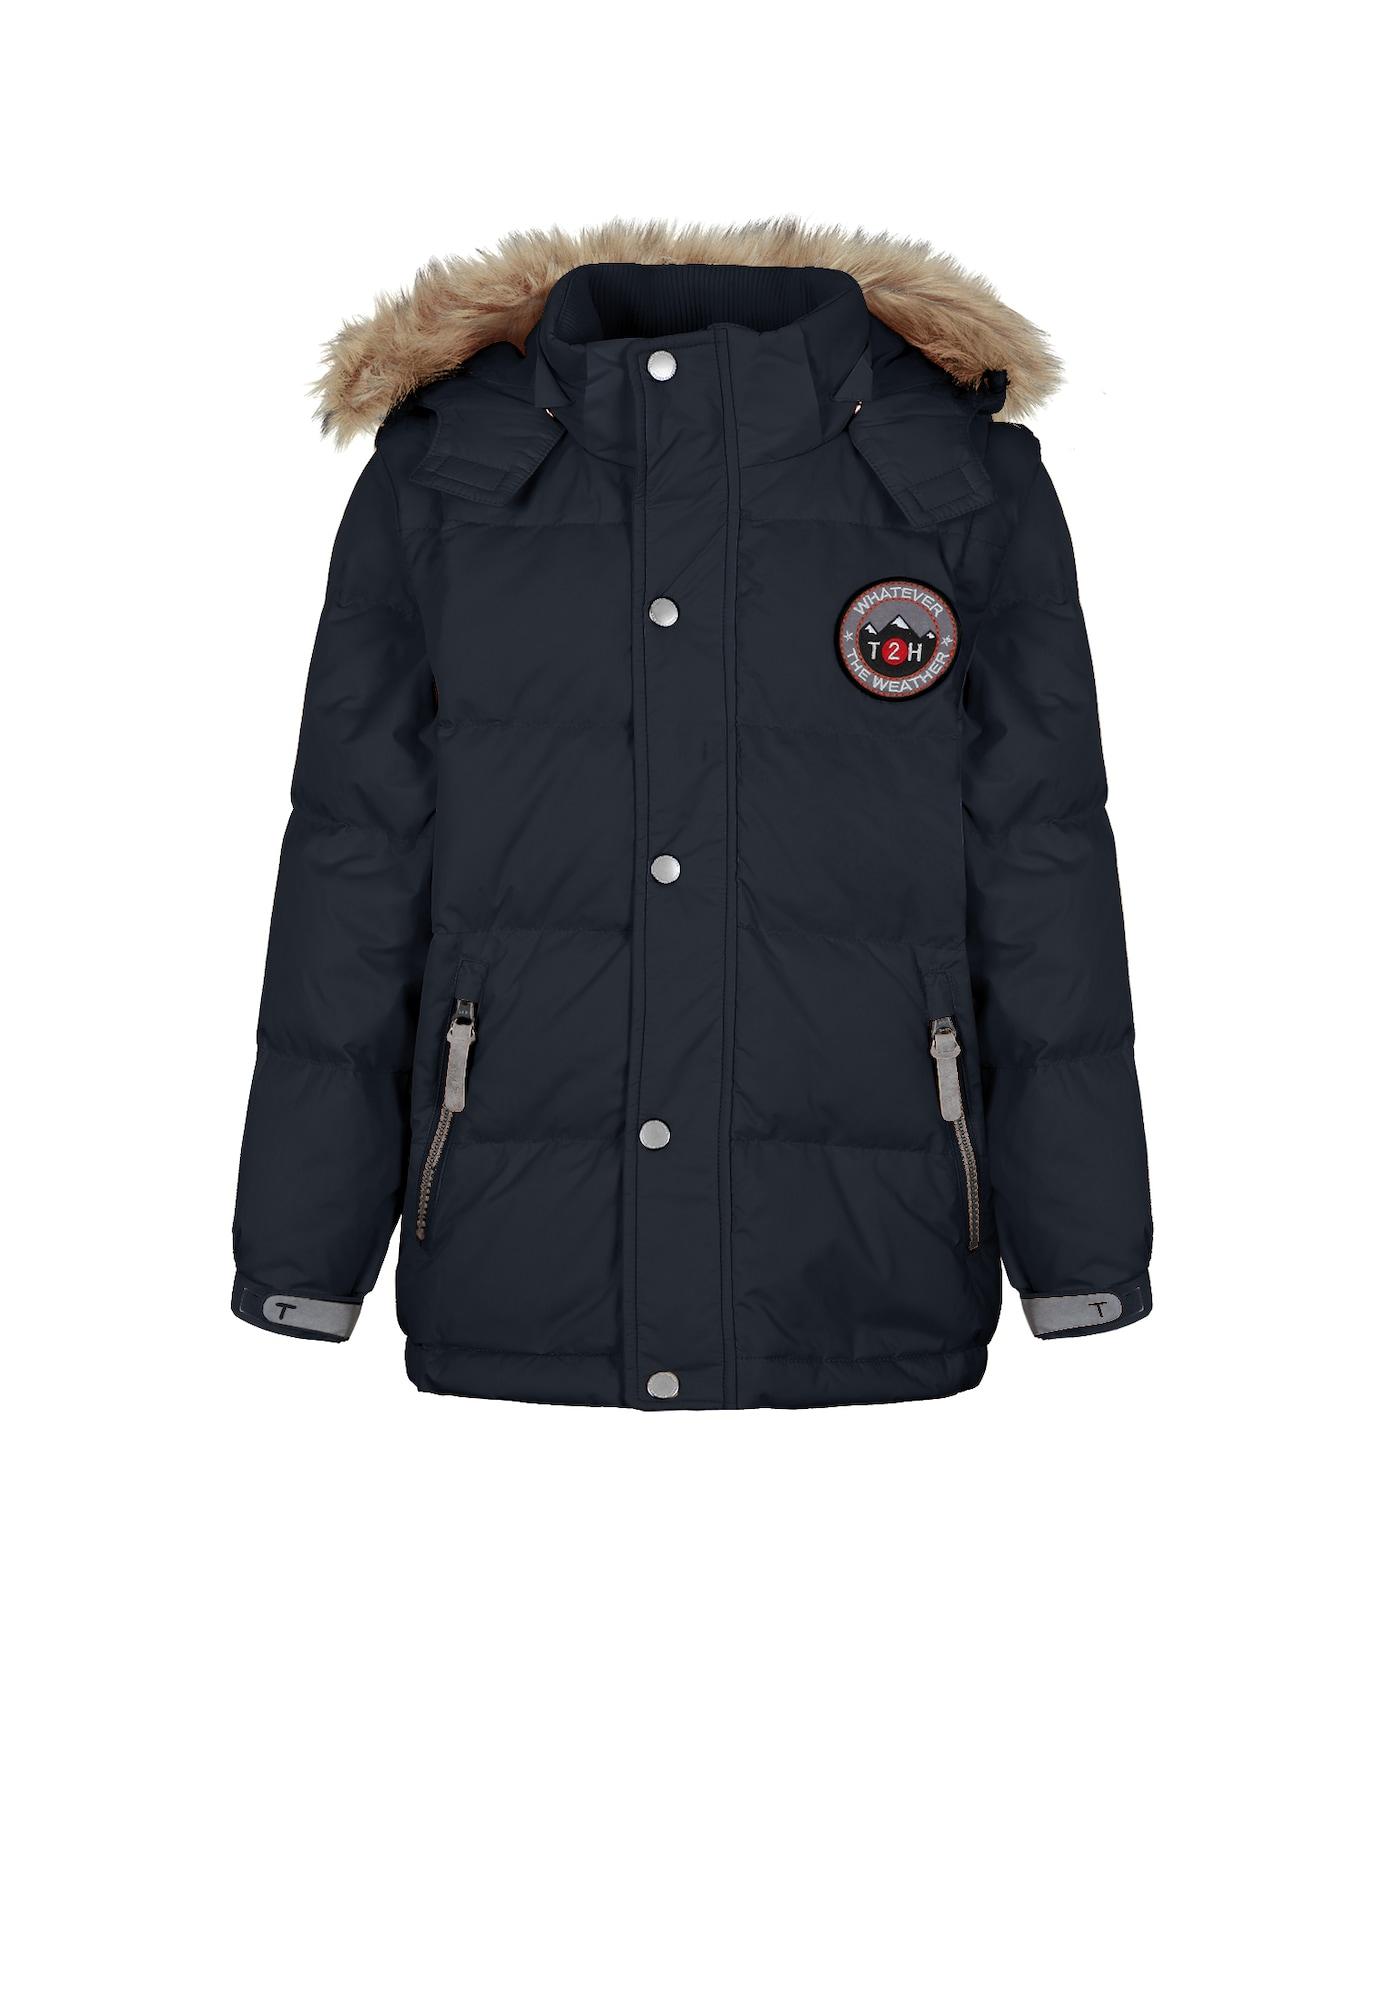 Zimní bunda kobaltová modř TICKET TO HEAVEN